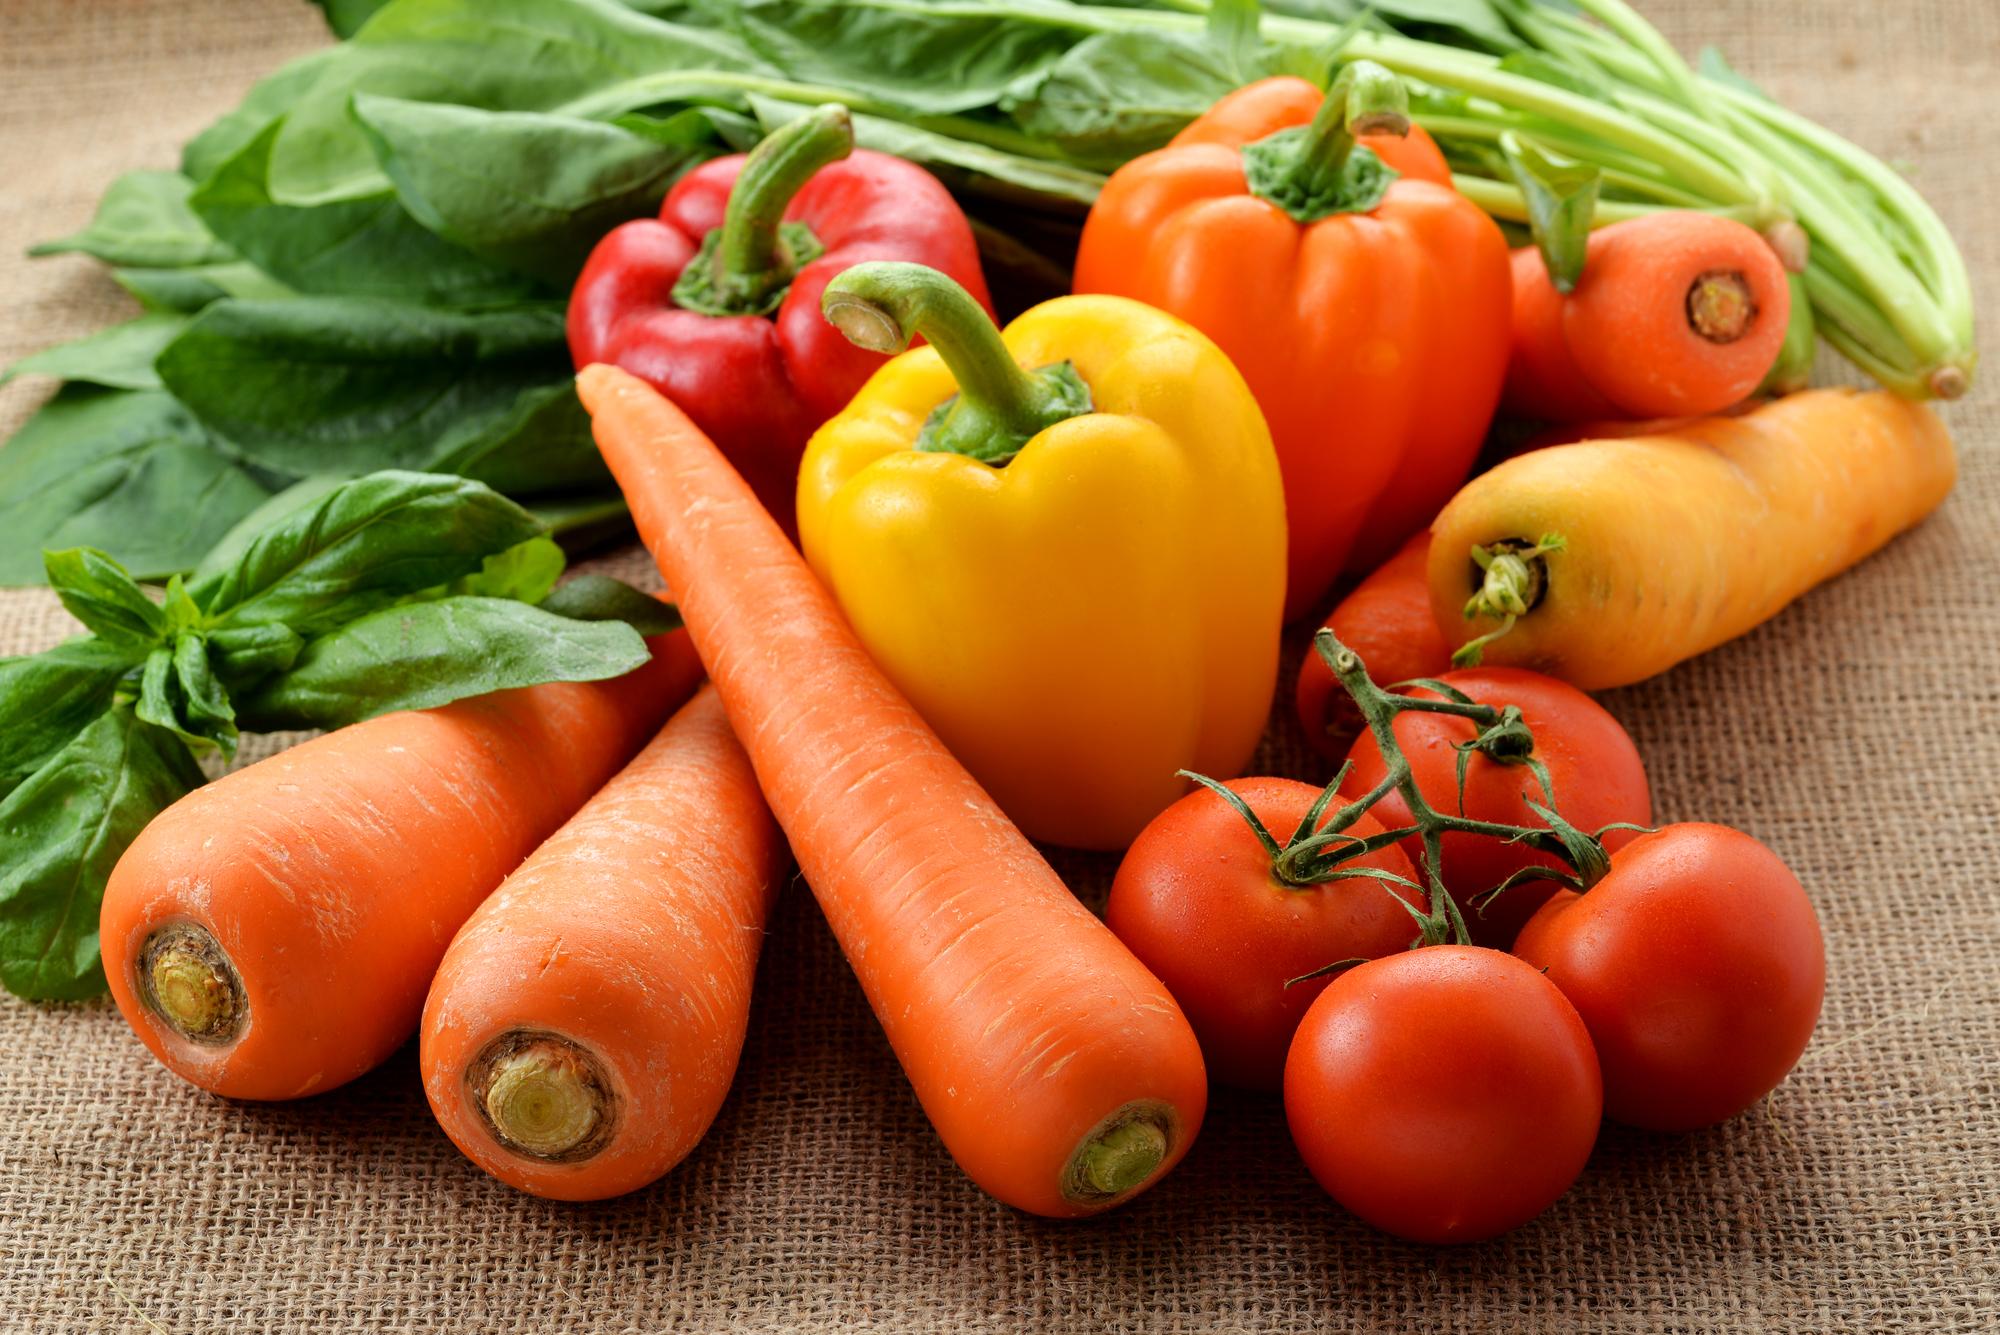 食と体の境界線(極力無添加・無農薬・無化学肥料の自然食品を摂取すること)